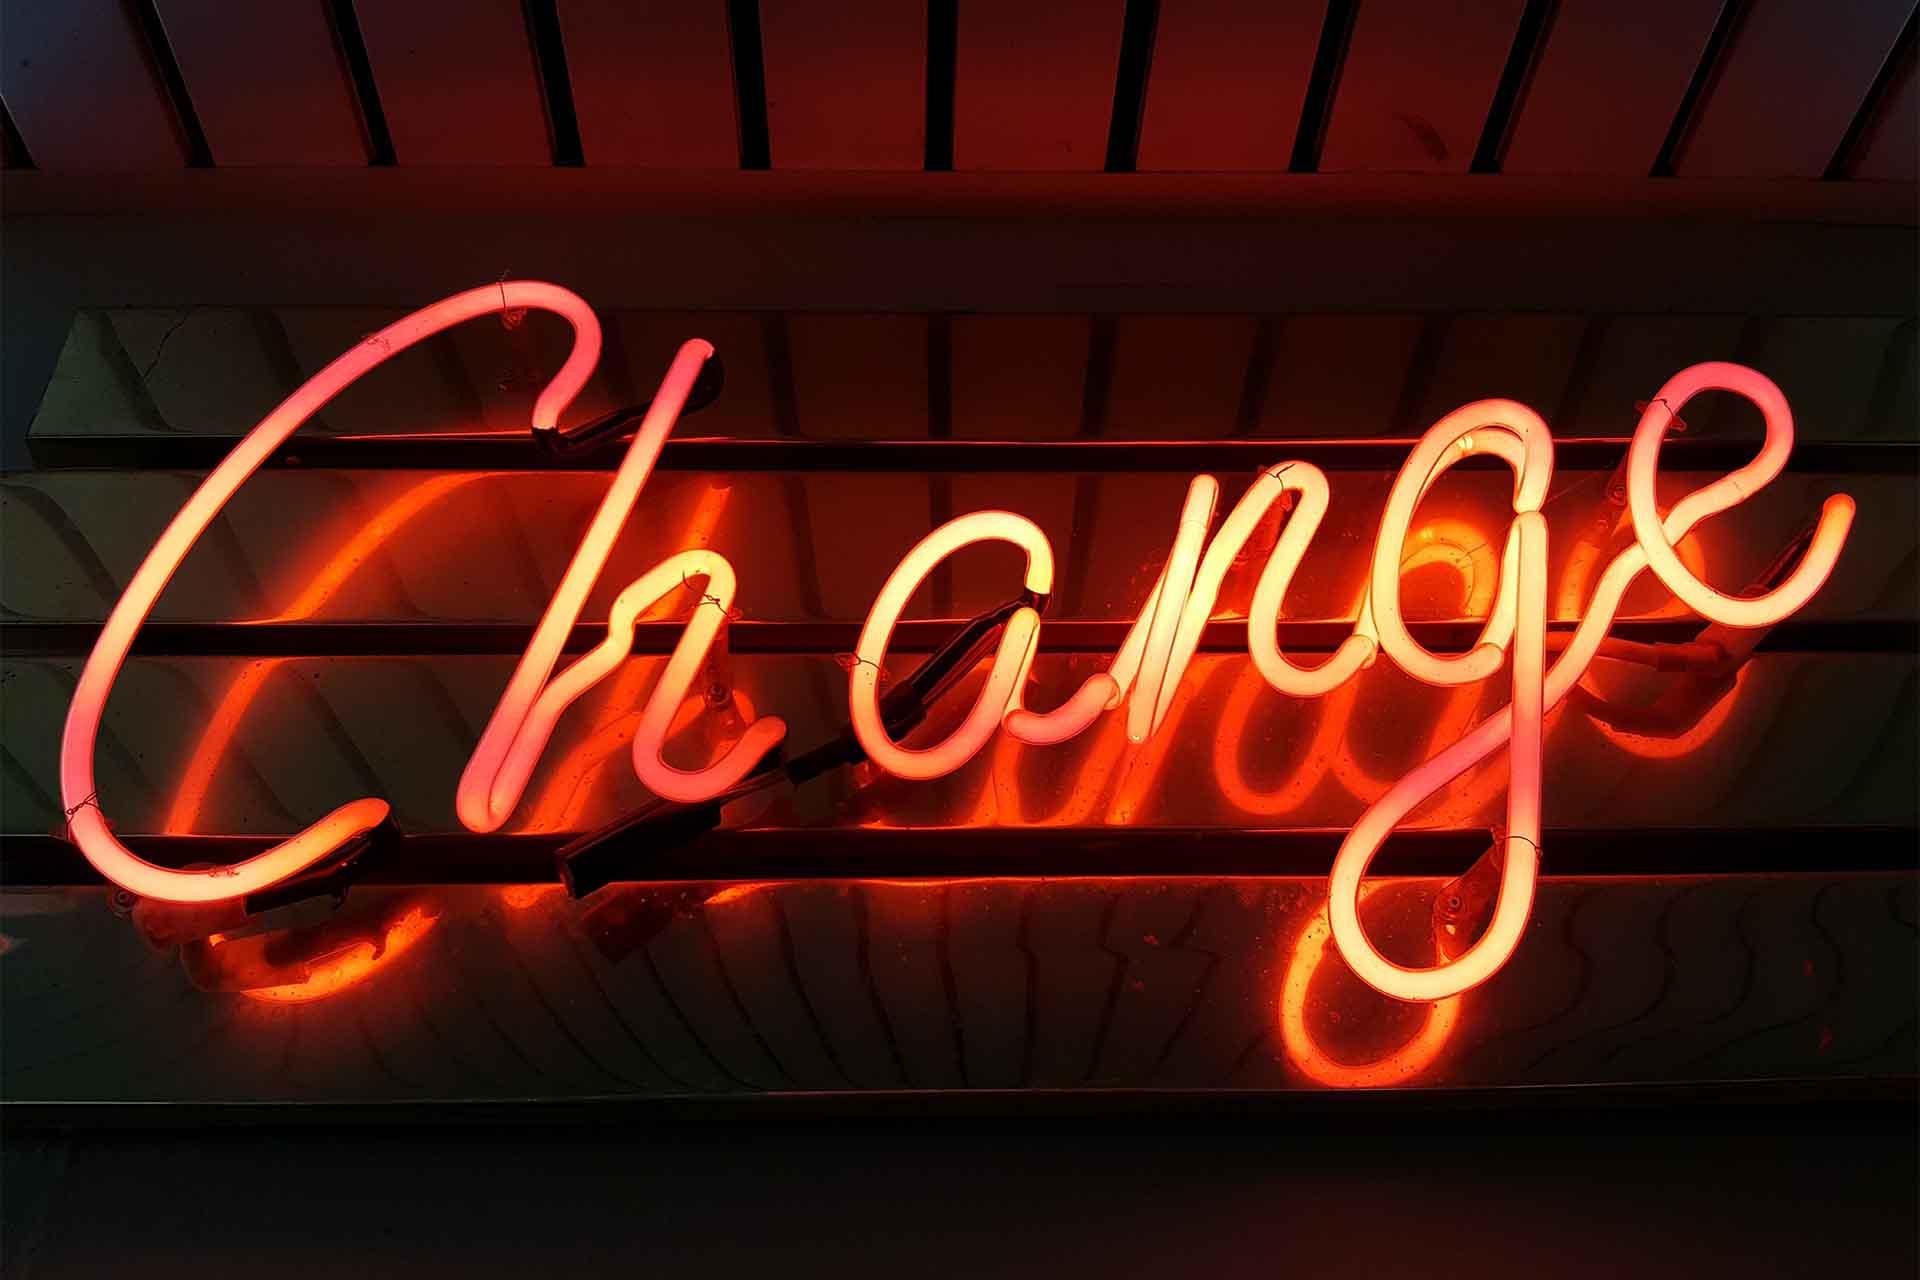 t2informatik Blog: Change Management ist tot - es lebe der Dauer-Change